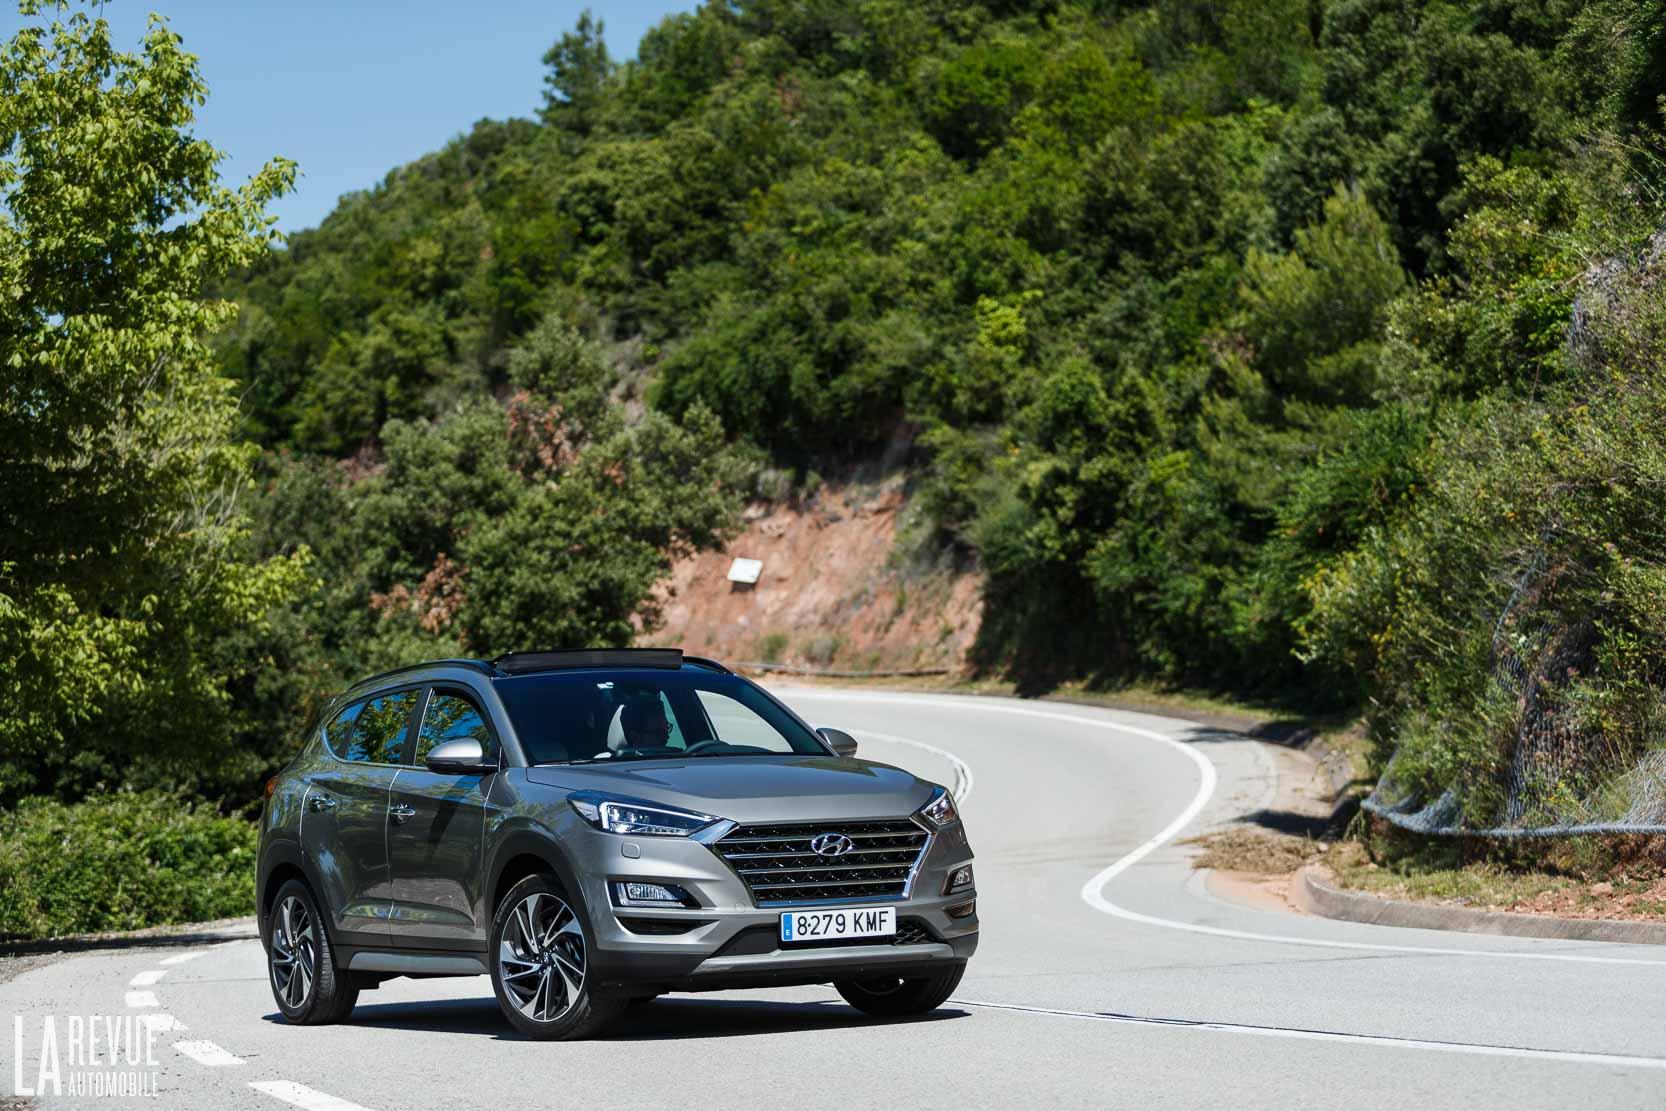 Essai du Hyundai TUCSON, le SUV compact